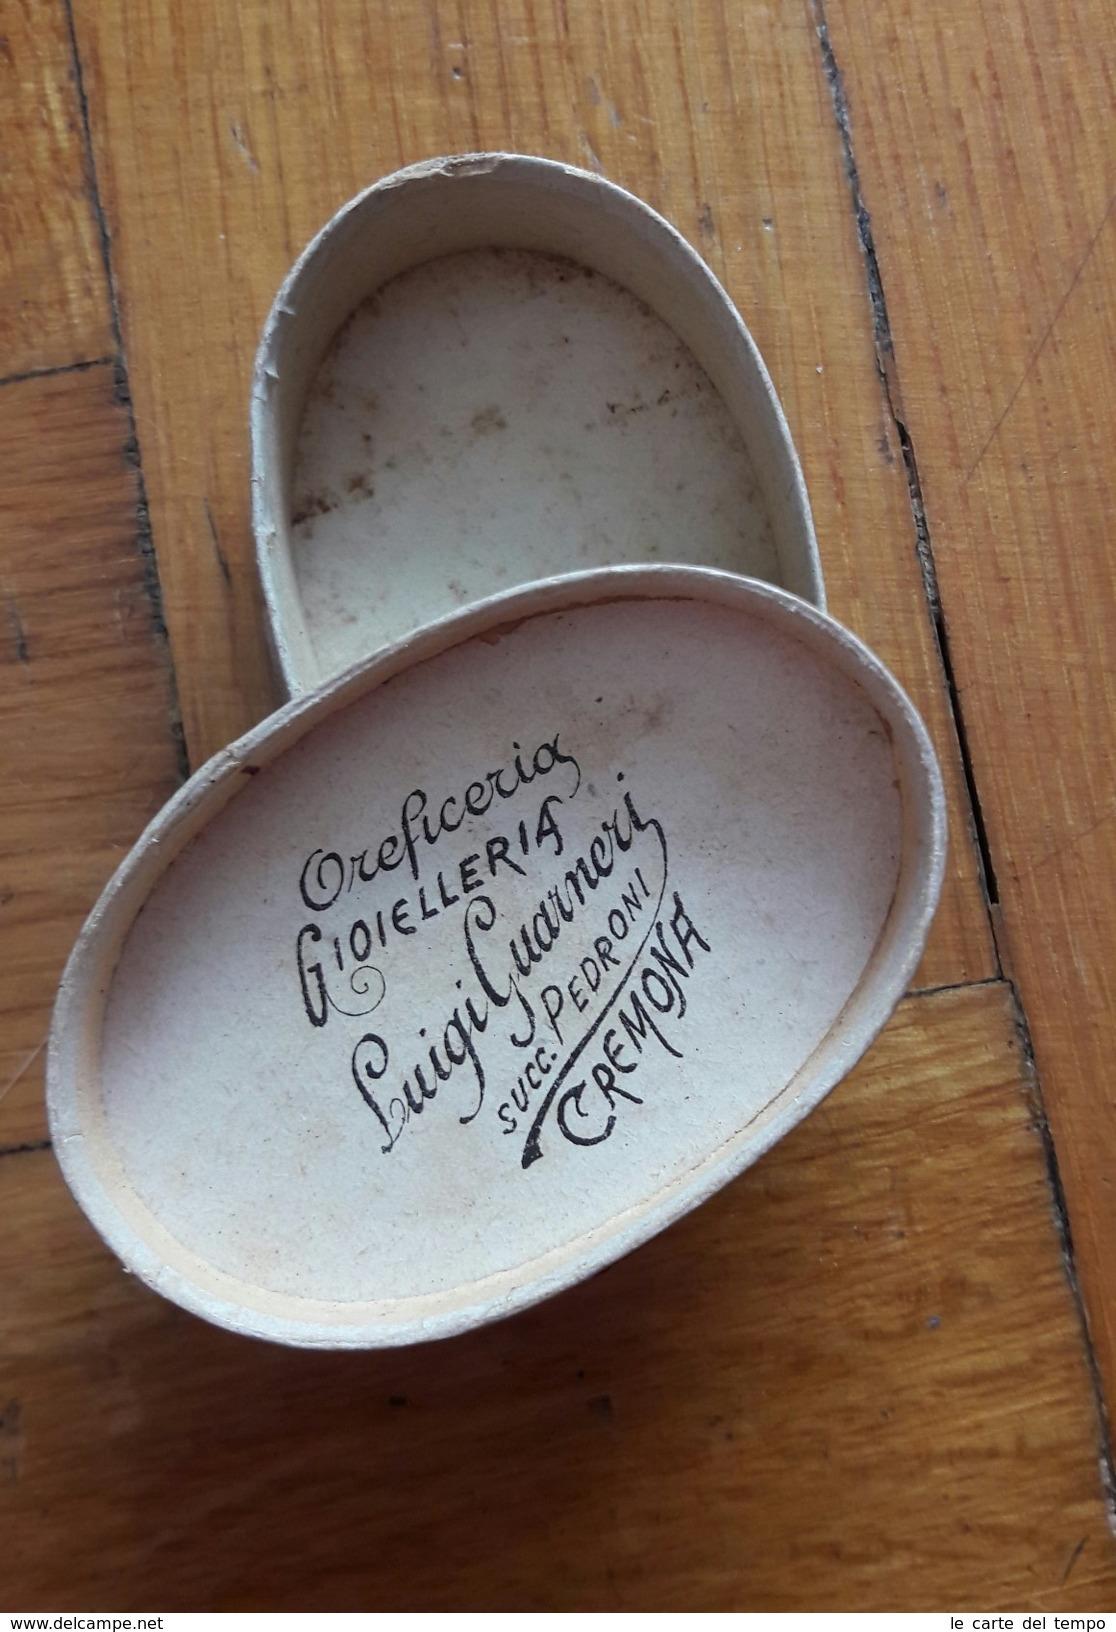 Scatola In Cartone Oreficeria Gioielleria LUIGI GUARNERI Succ. Pedroni - Cremona - Scatole